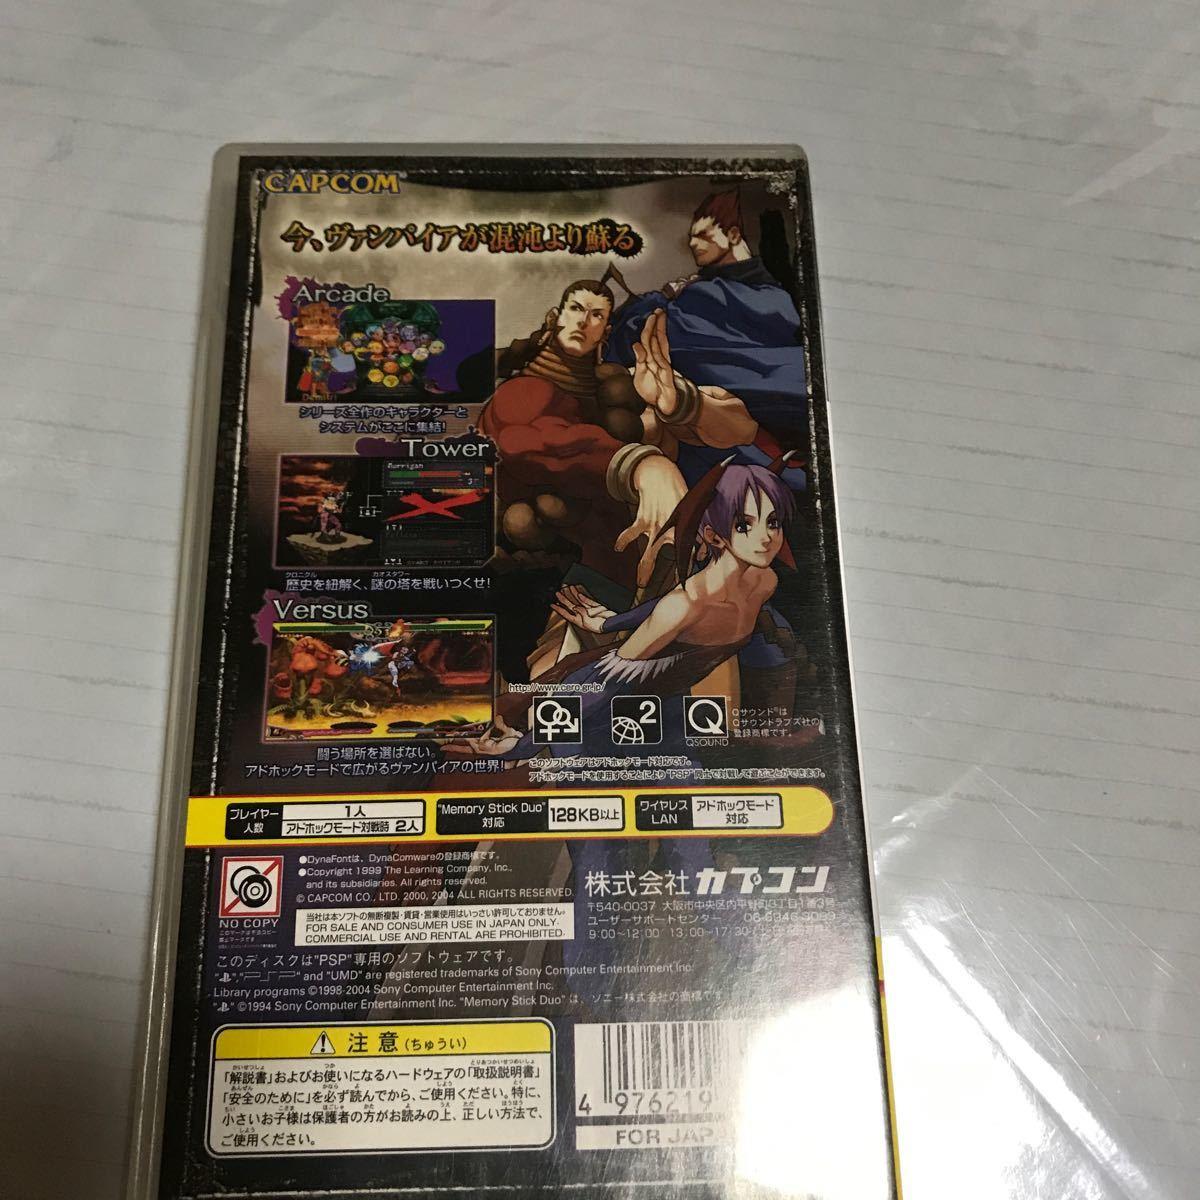 【PSP】 ヴァンパイア クロニクル ザ カオス タワー